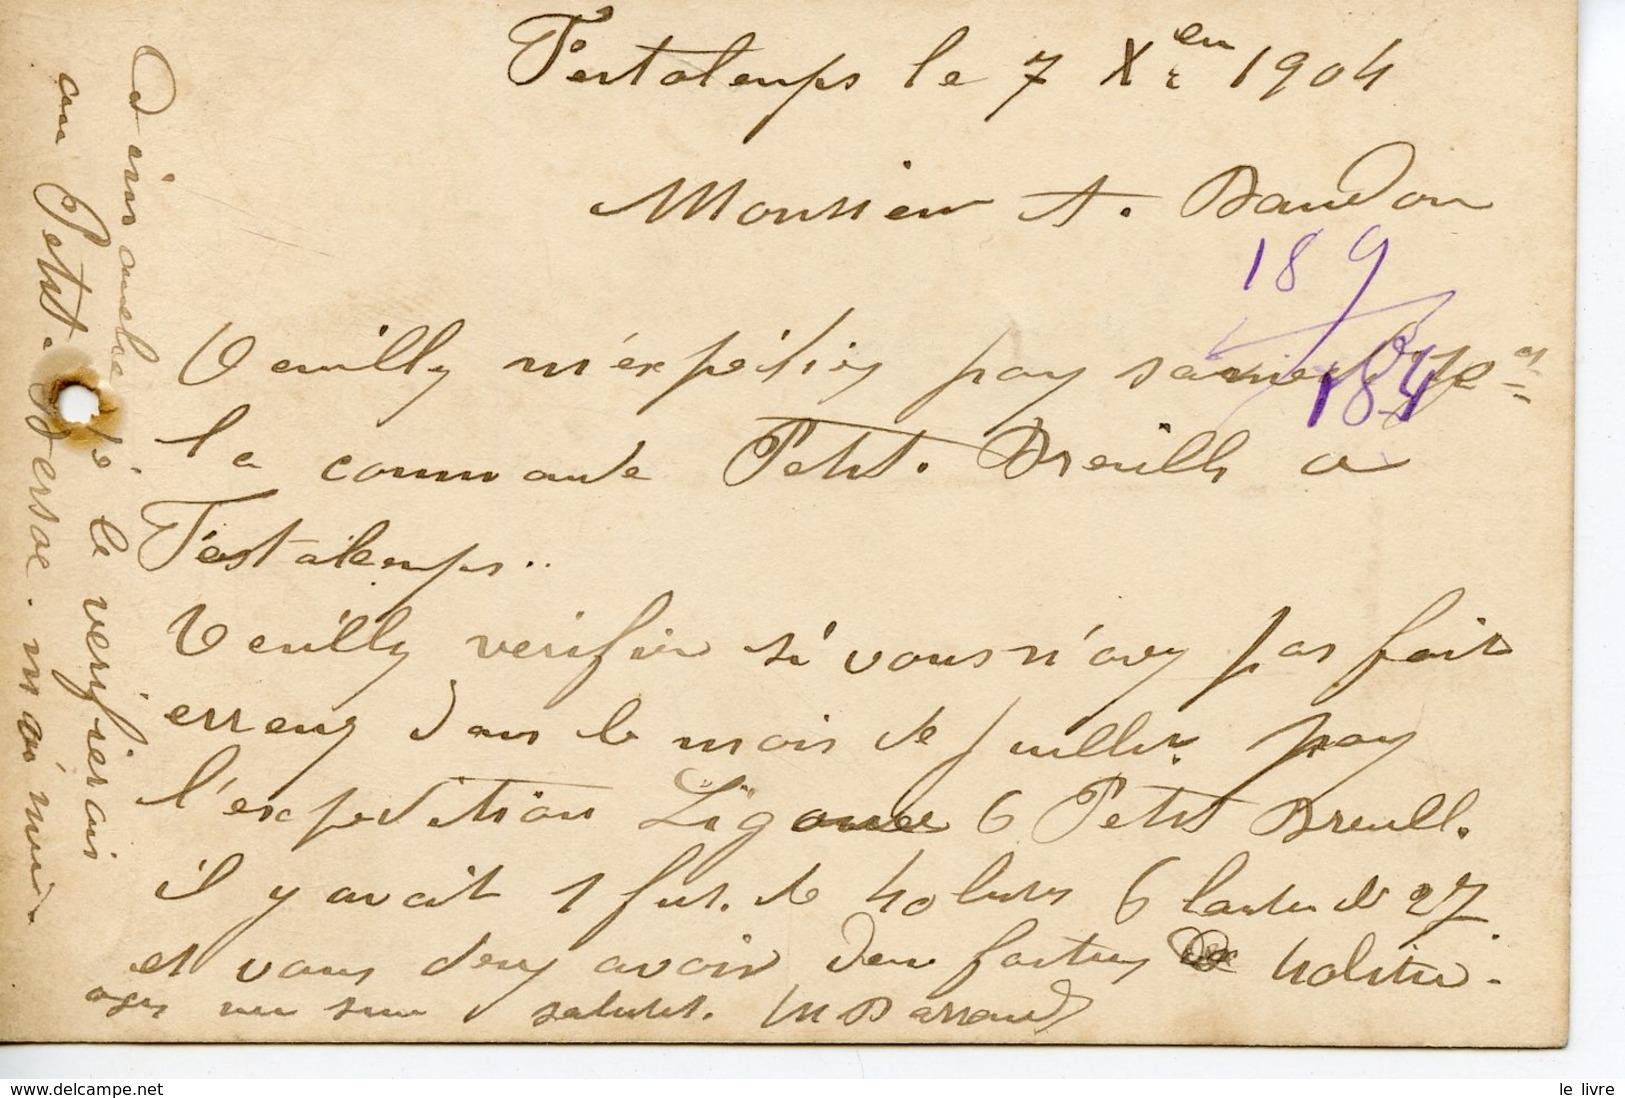 831. SAINT-AIGULIN 17 BRISTOL BAUDOU EAUX DE VIE DES CHARENTES 1904 - France